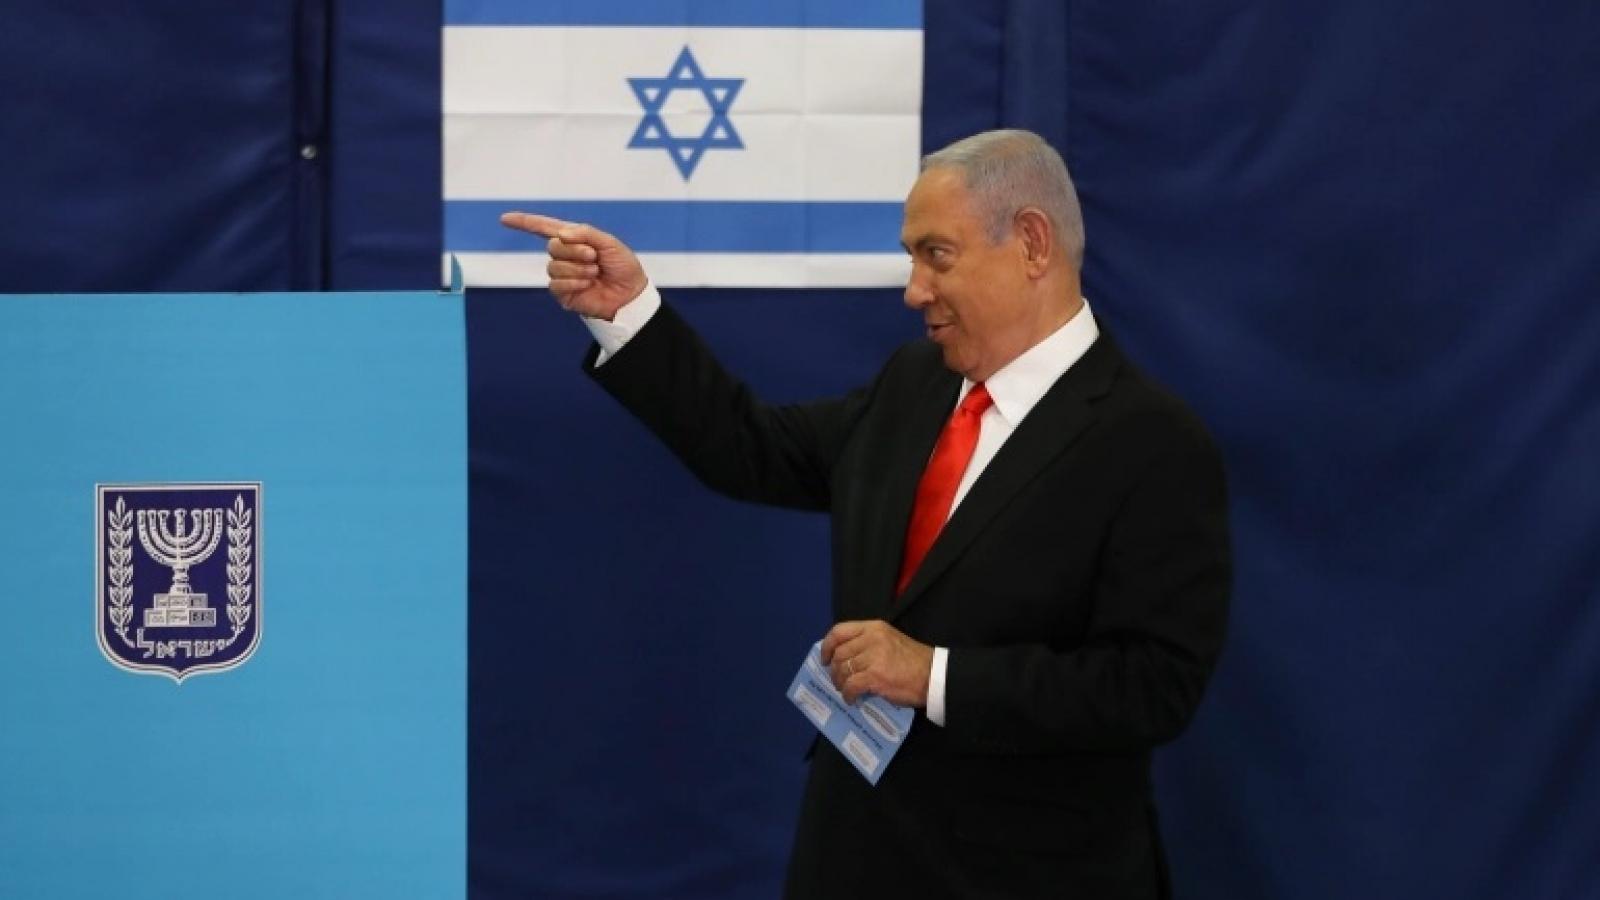 Bầu cử Israel - Phép thử chính sách của Thủ tướng Netanyahu